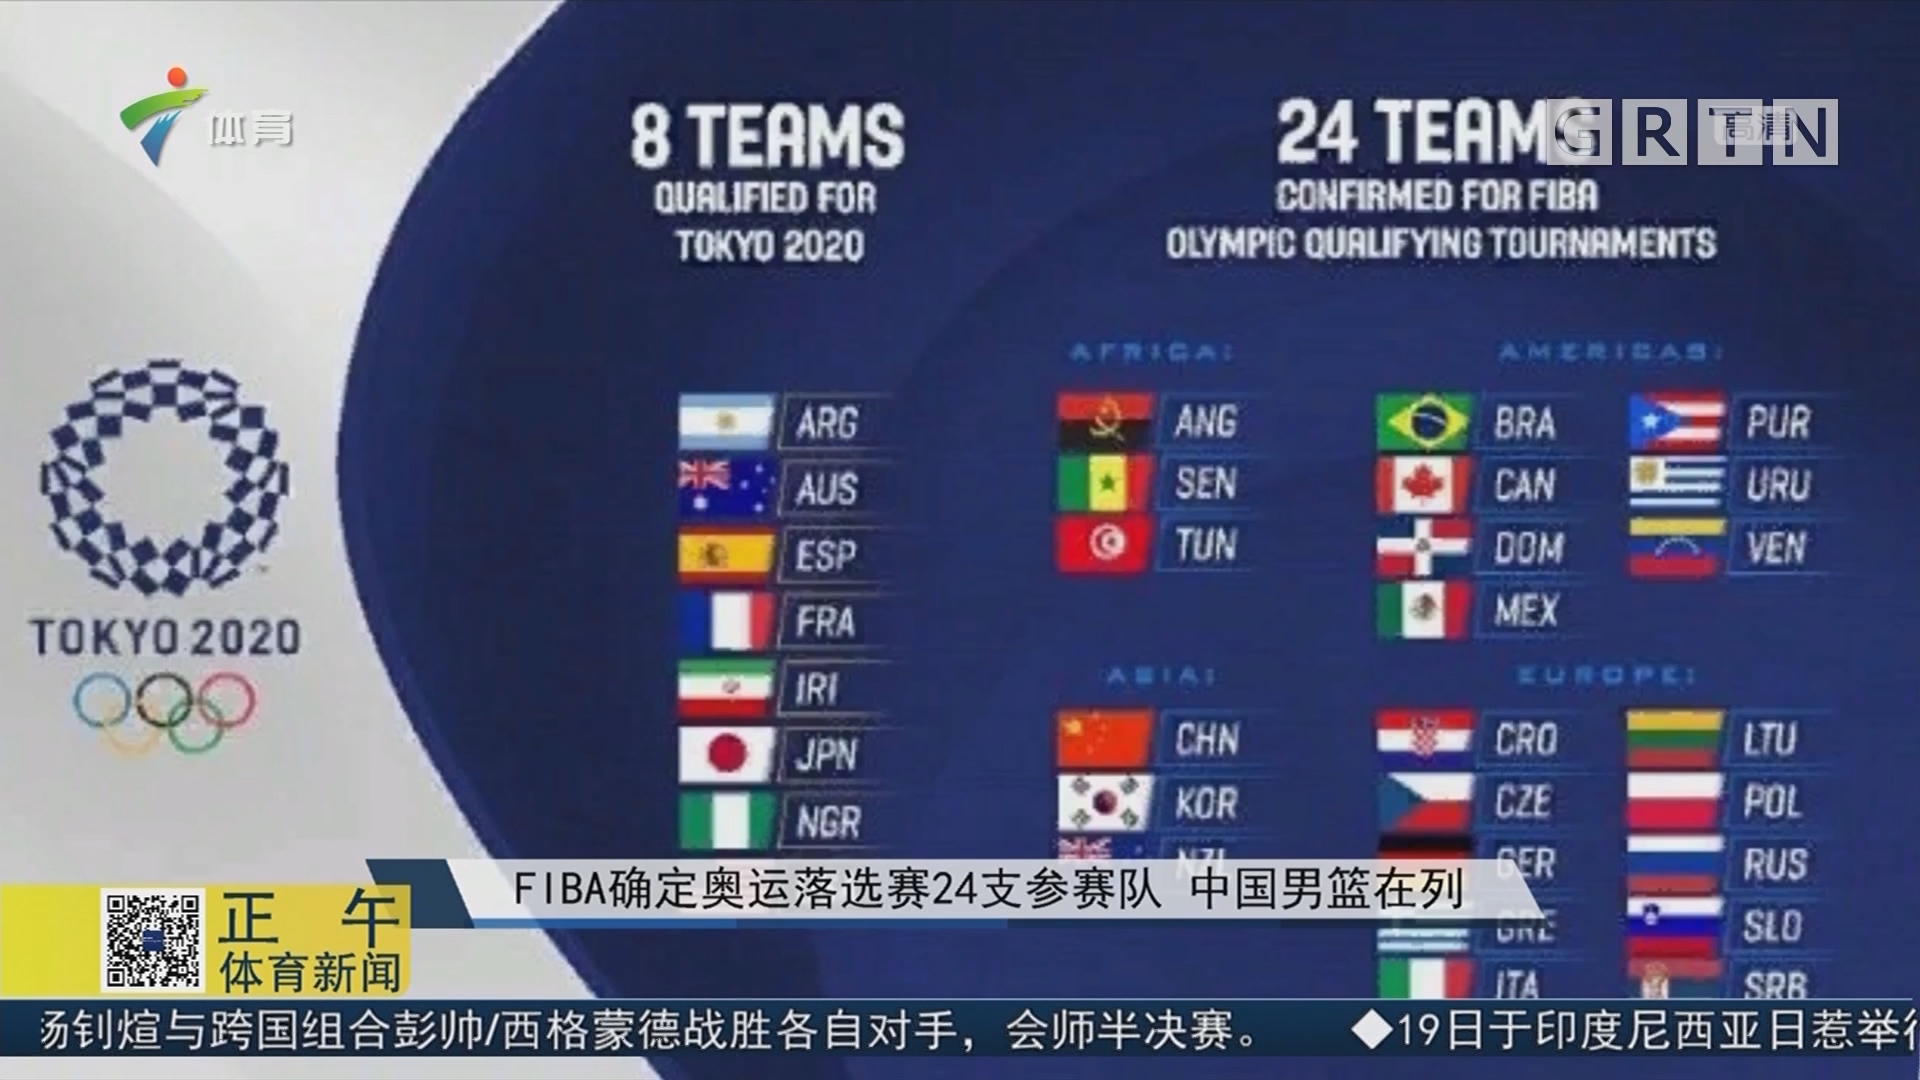 FIBA确定奥运落选赛24支参赛队 中国男篮在列